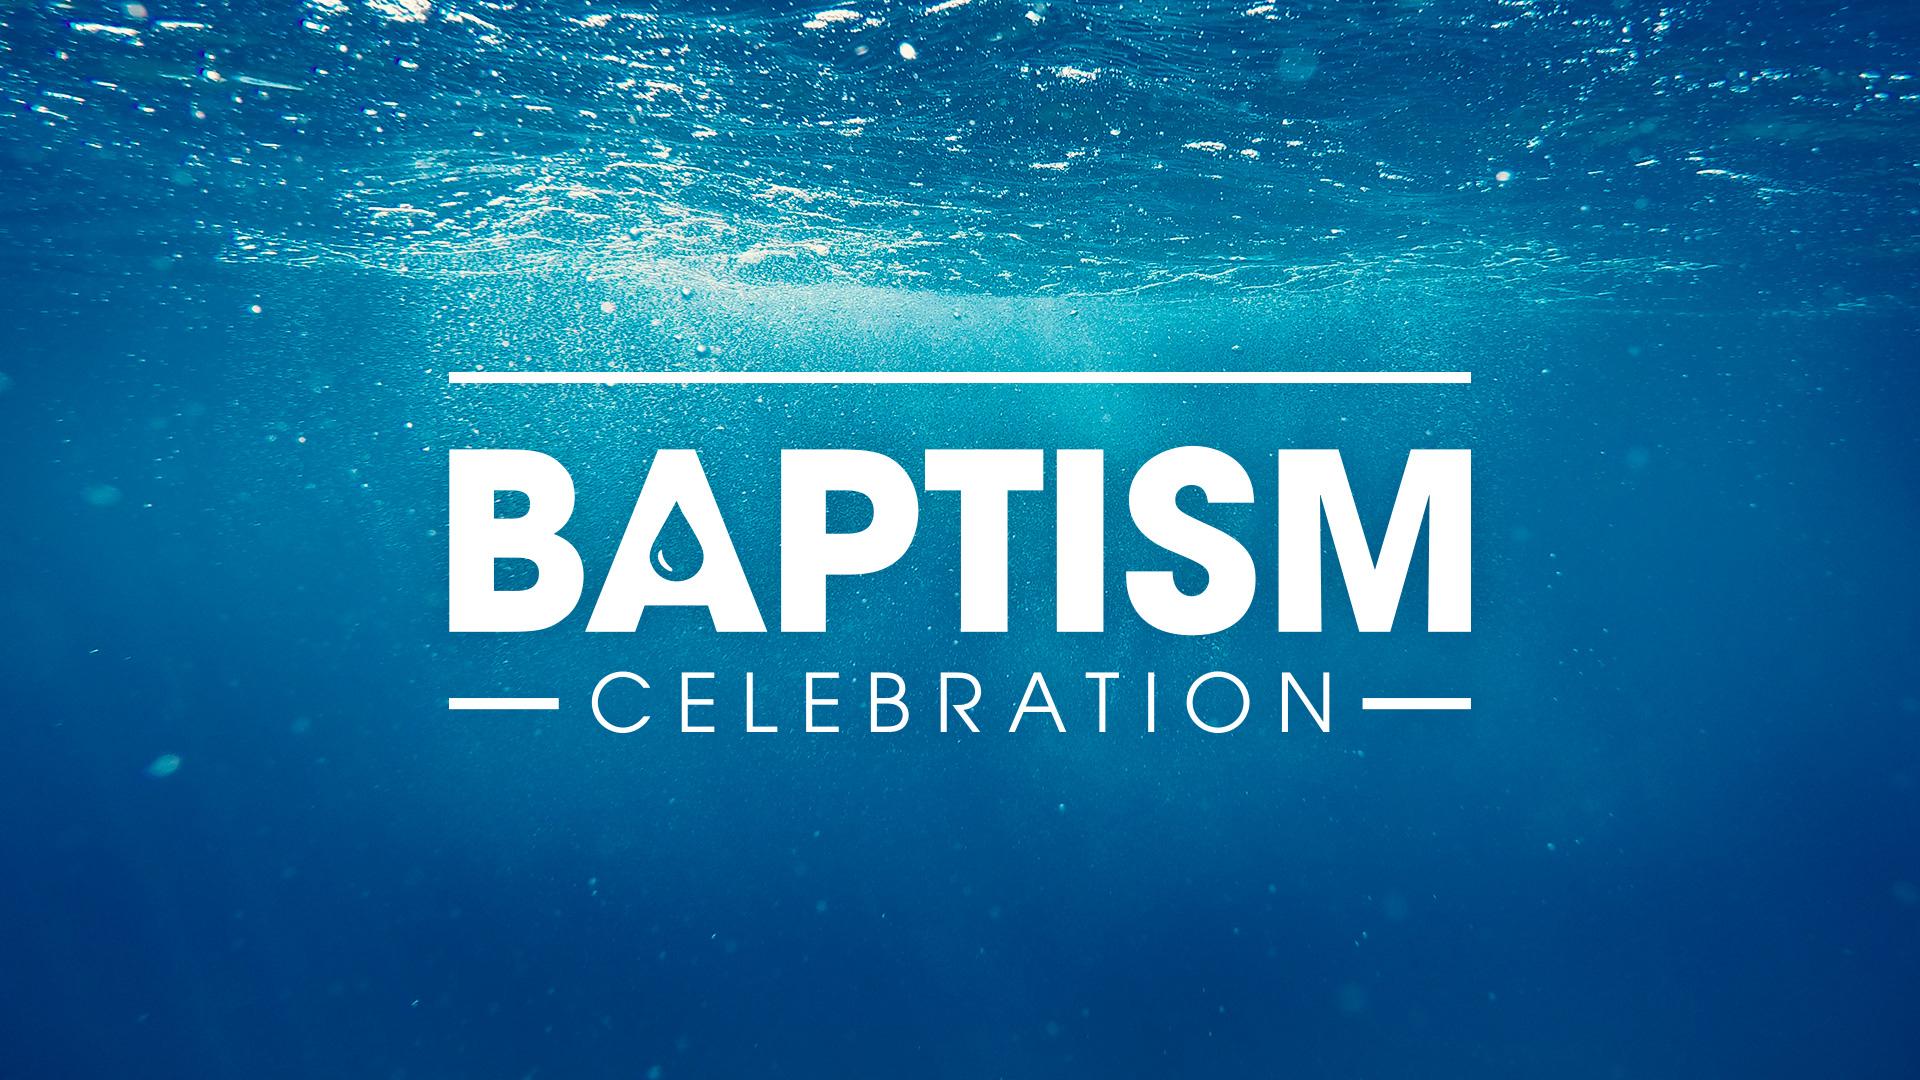 Baptism slide 1920x1080 7.26 1